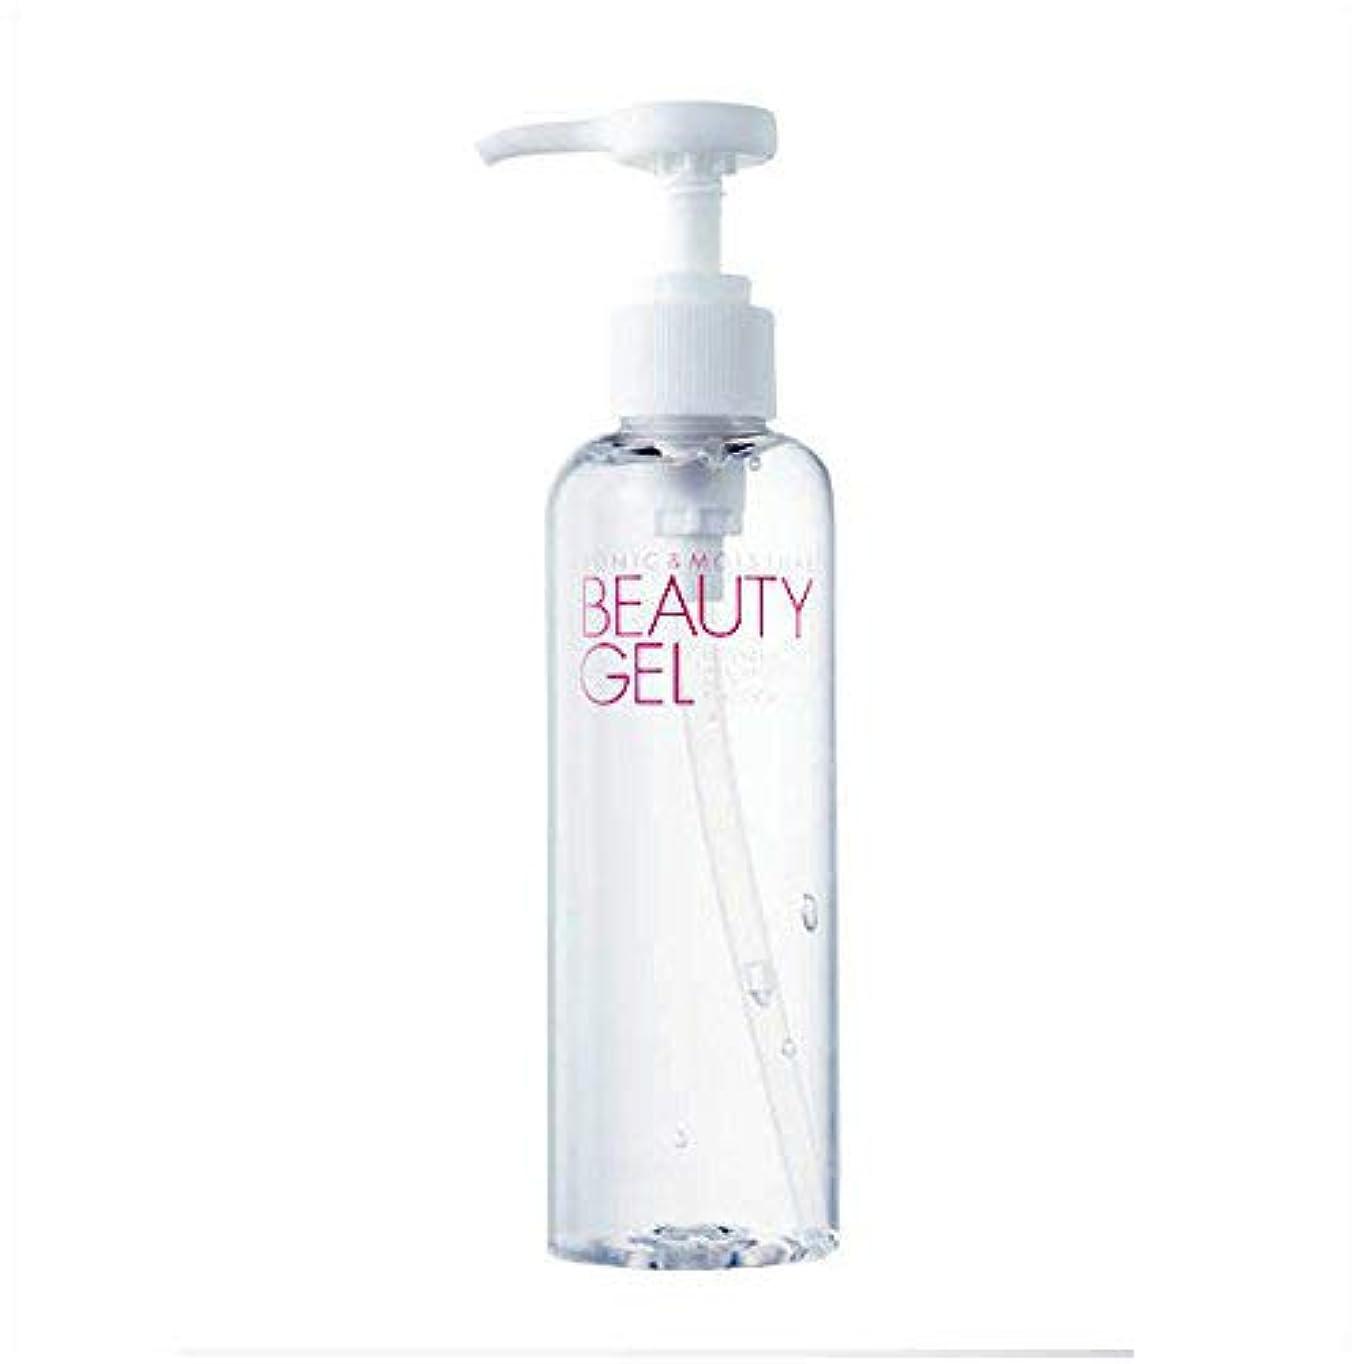 ベース代名詞日没エビス化粧品(EBiS) 美顔器ジェル ビューティージェル 210g 日本製